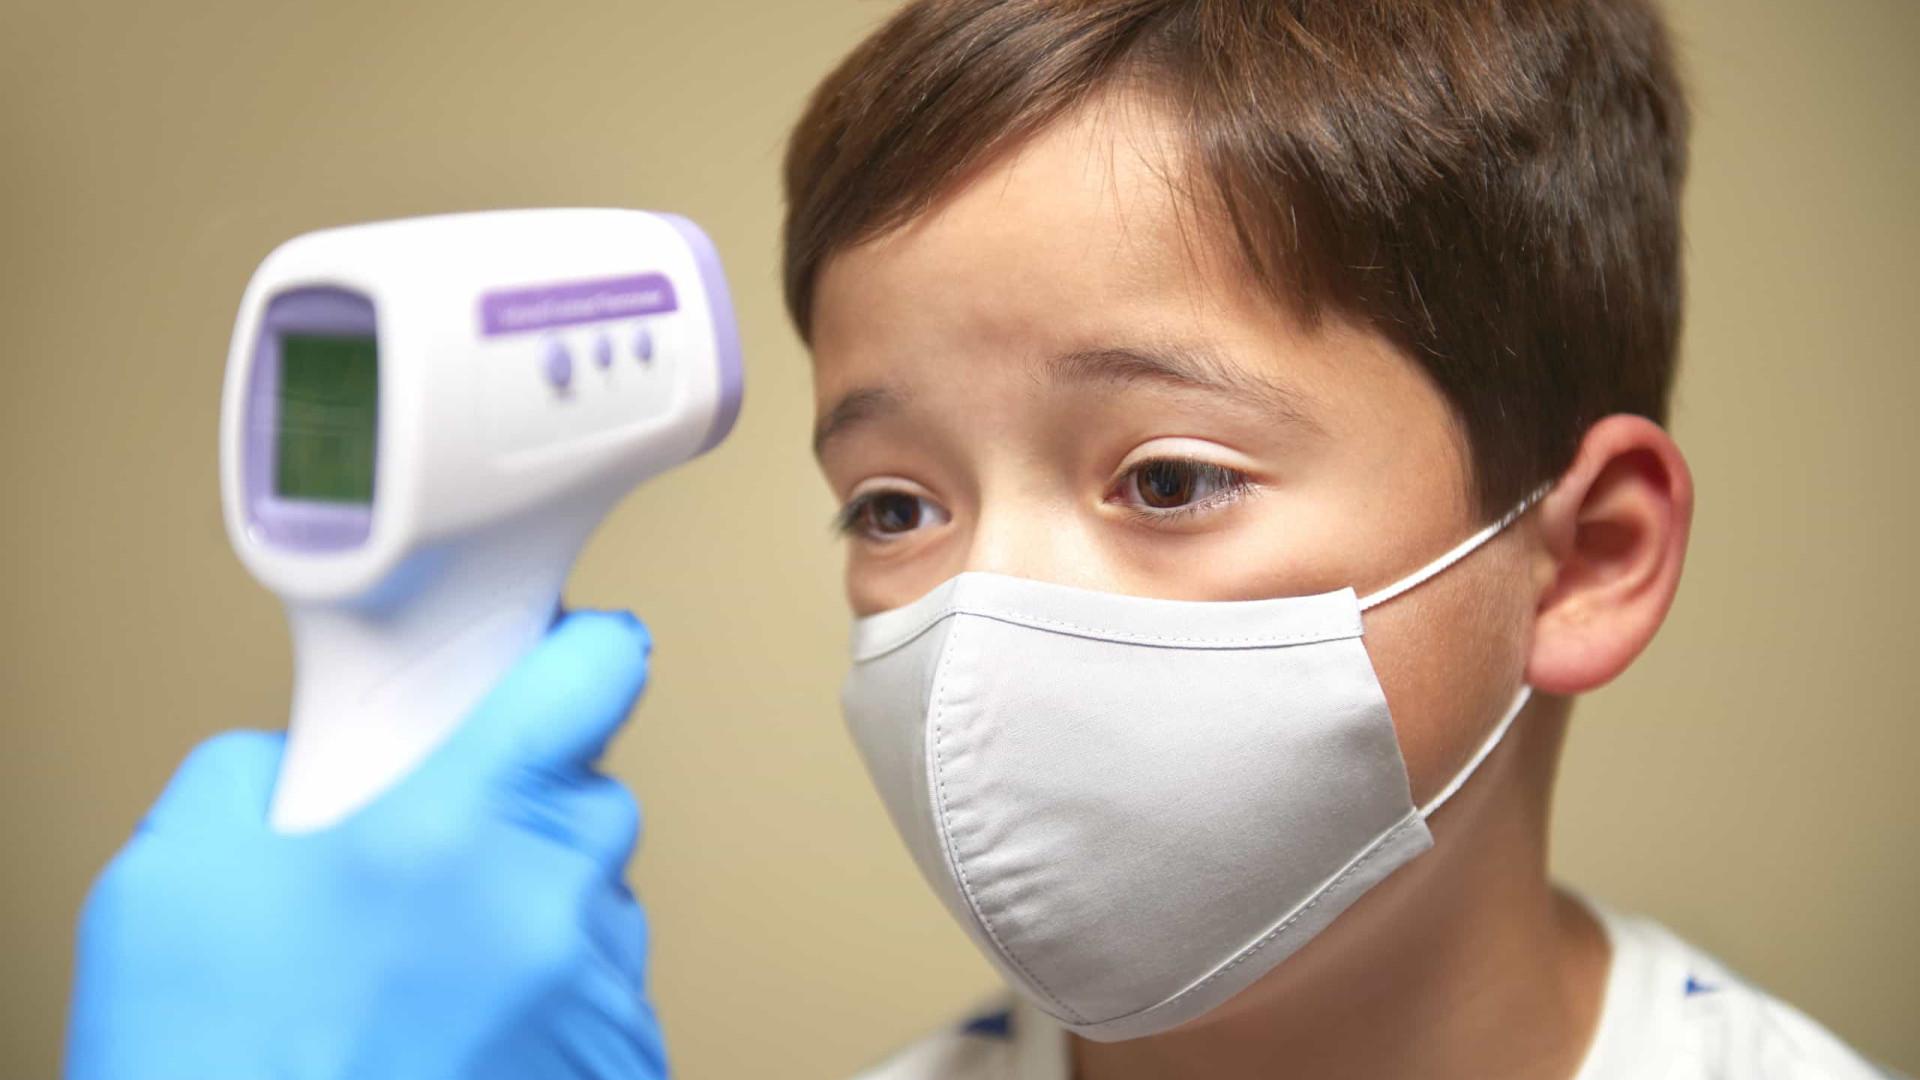 Reino Unido hospitaliza até 100 crianças por semana com síndrome ligada à Covid-19, diz jornal